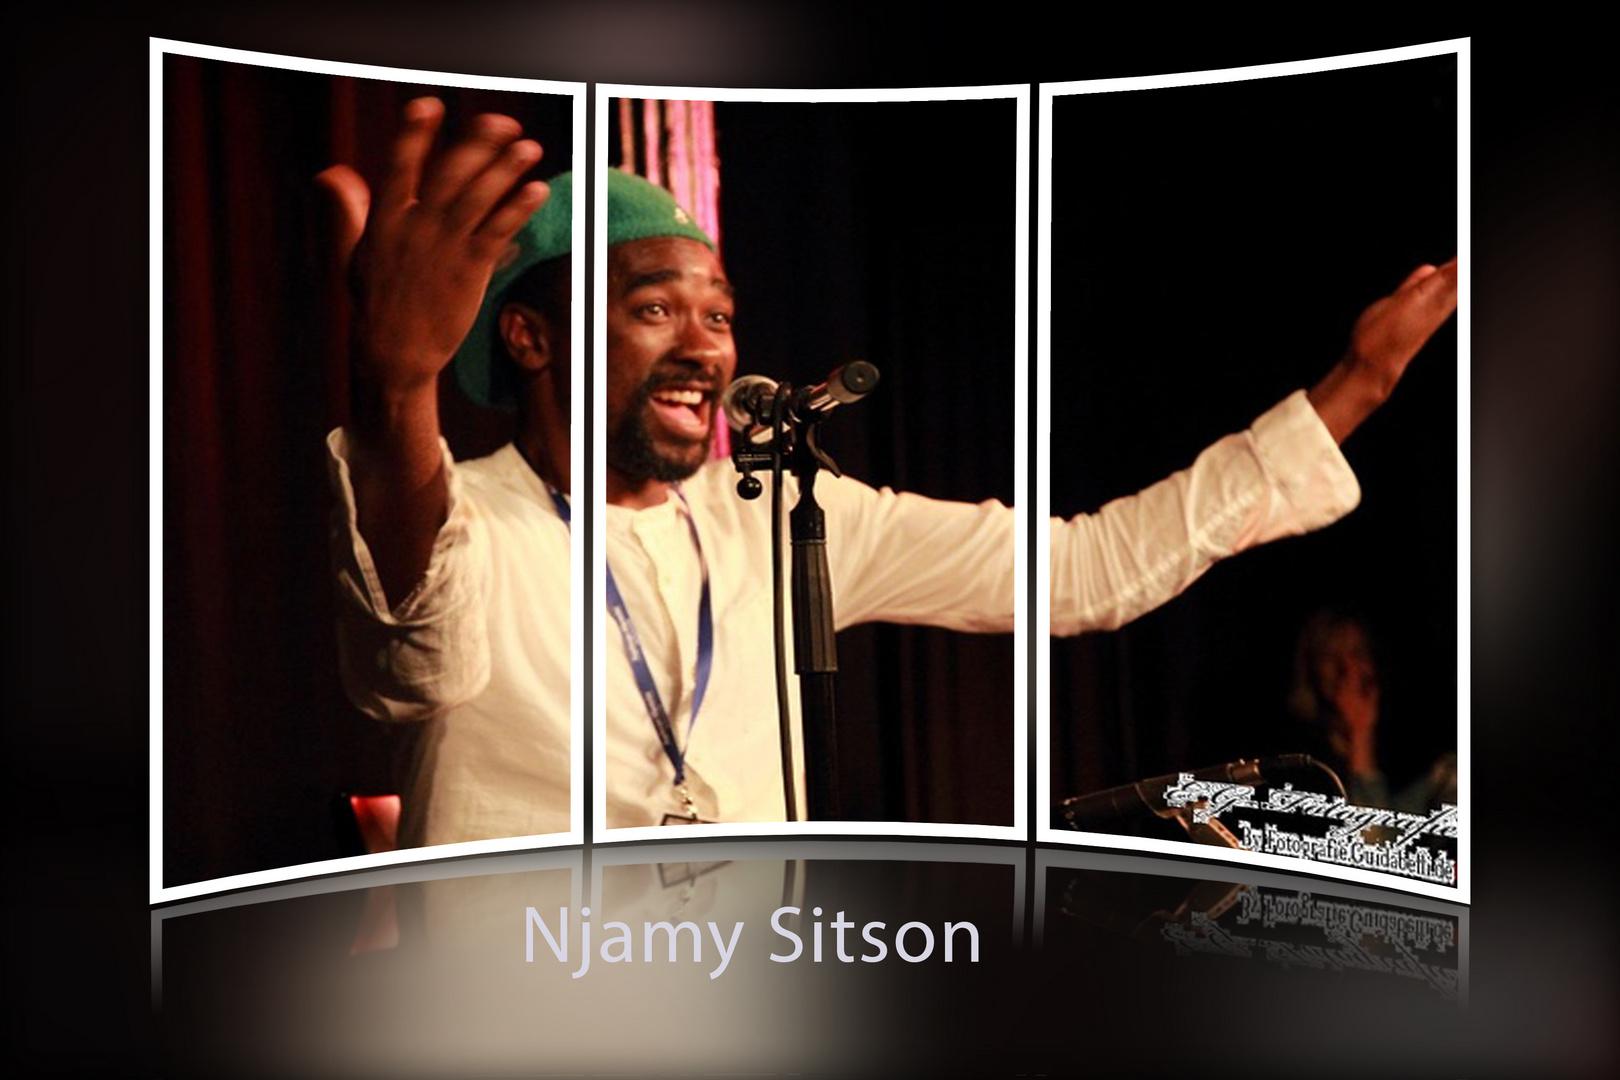 Njamy Sitson